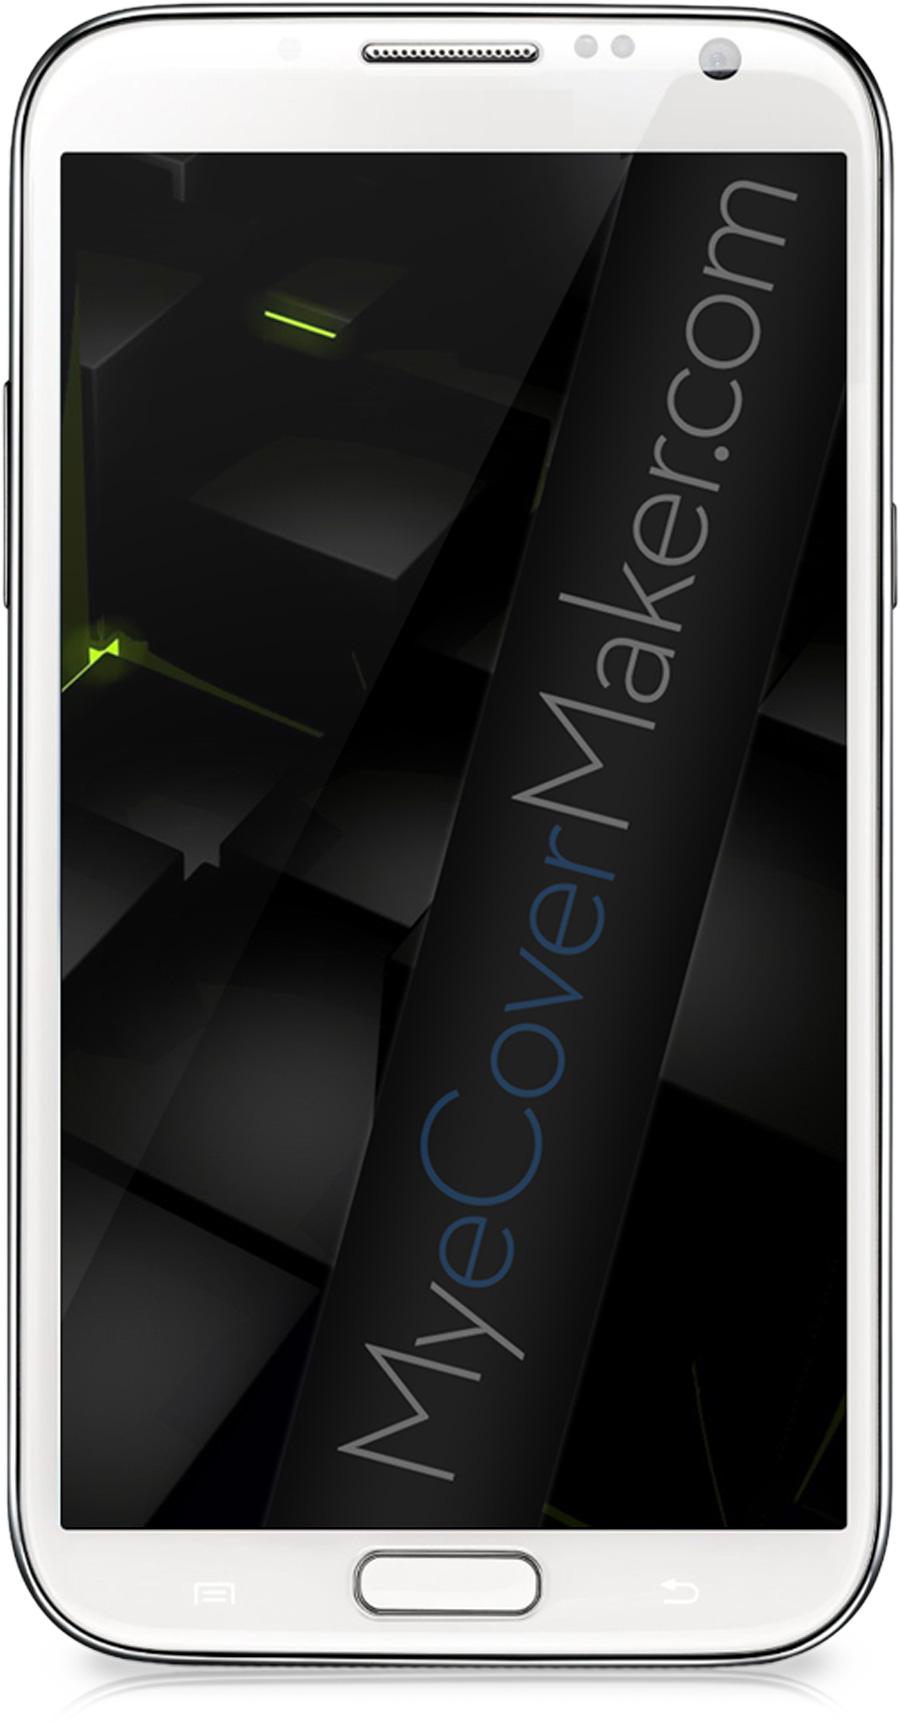 Smartphone 2 Mockup